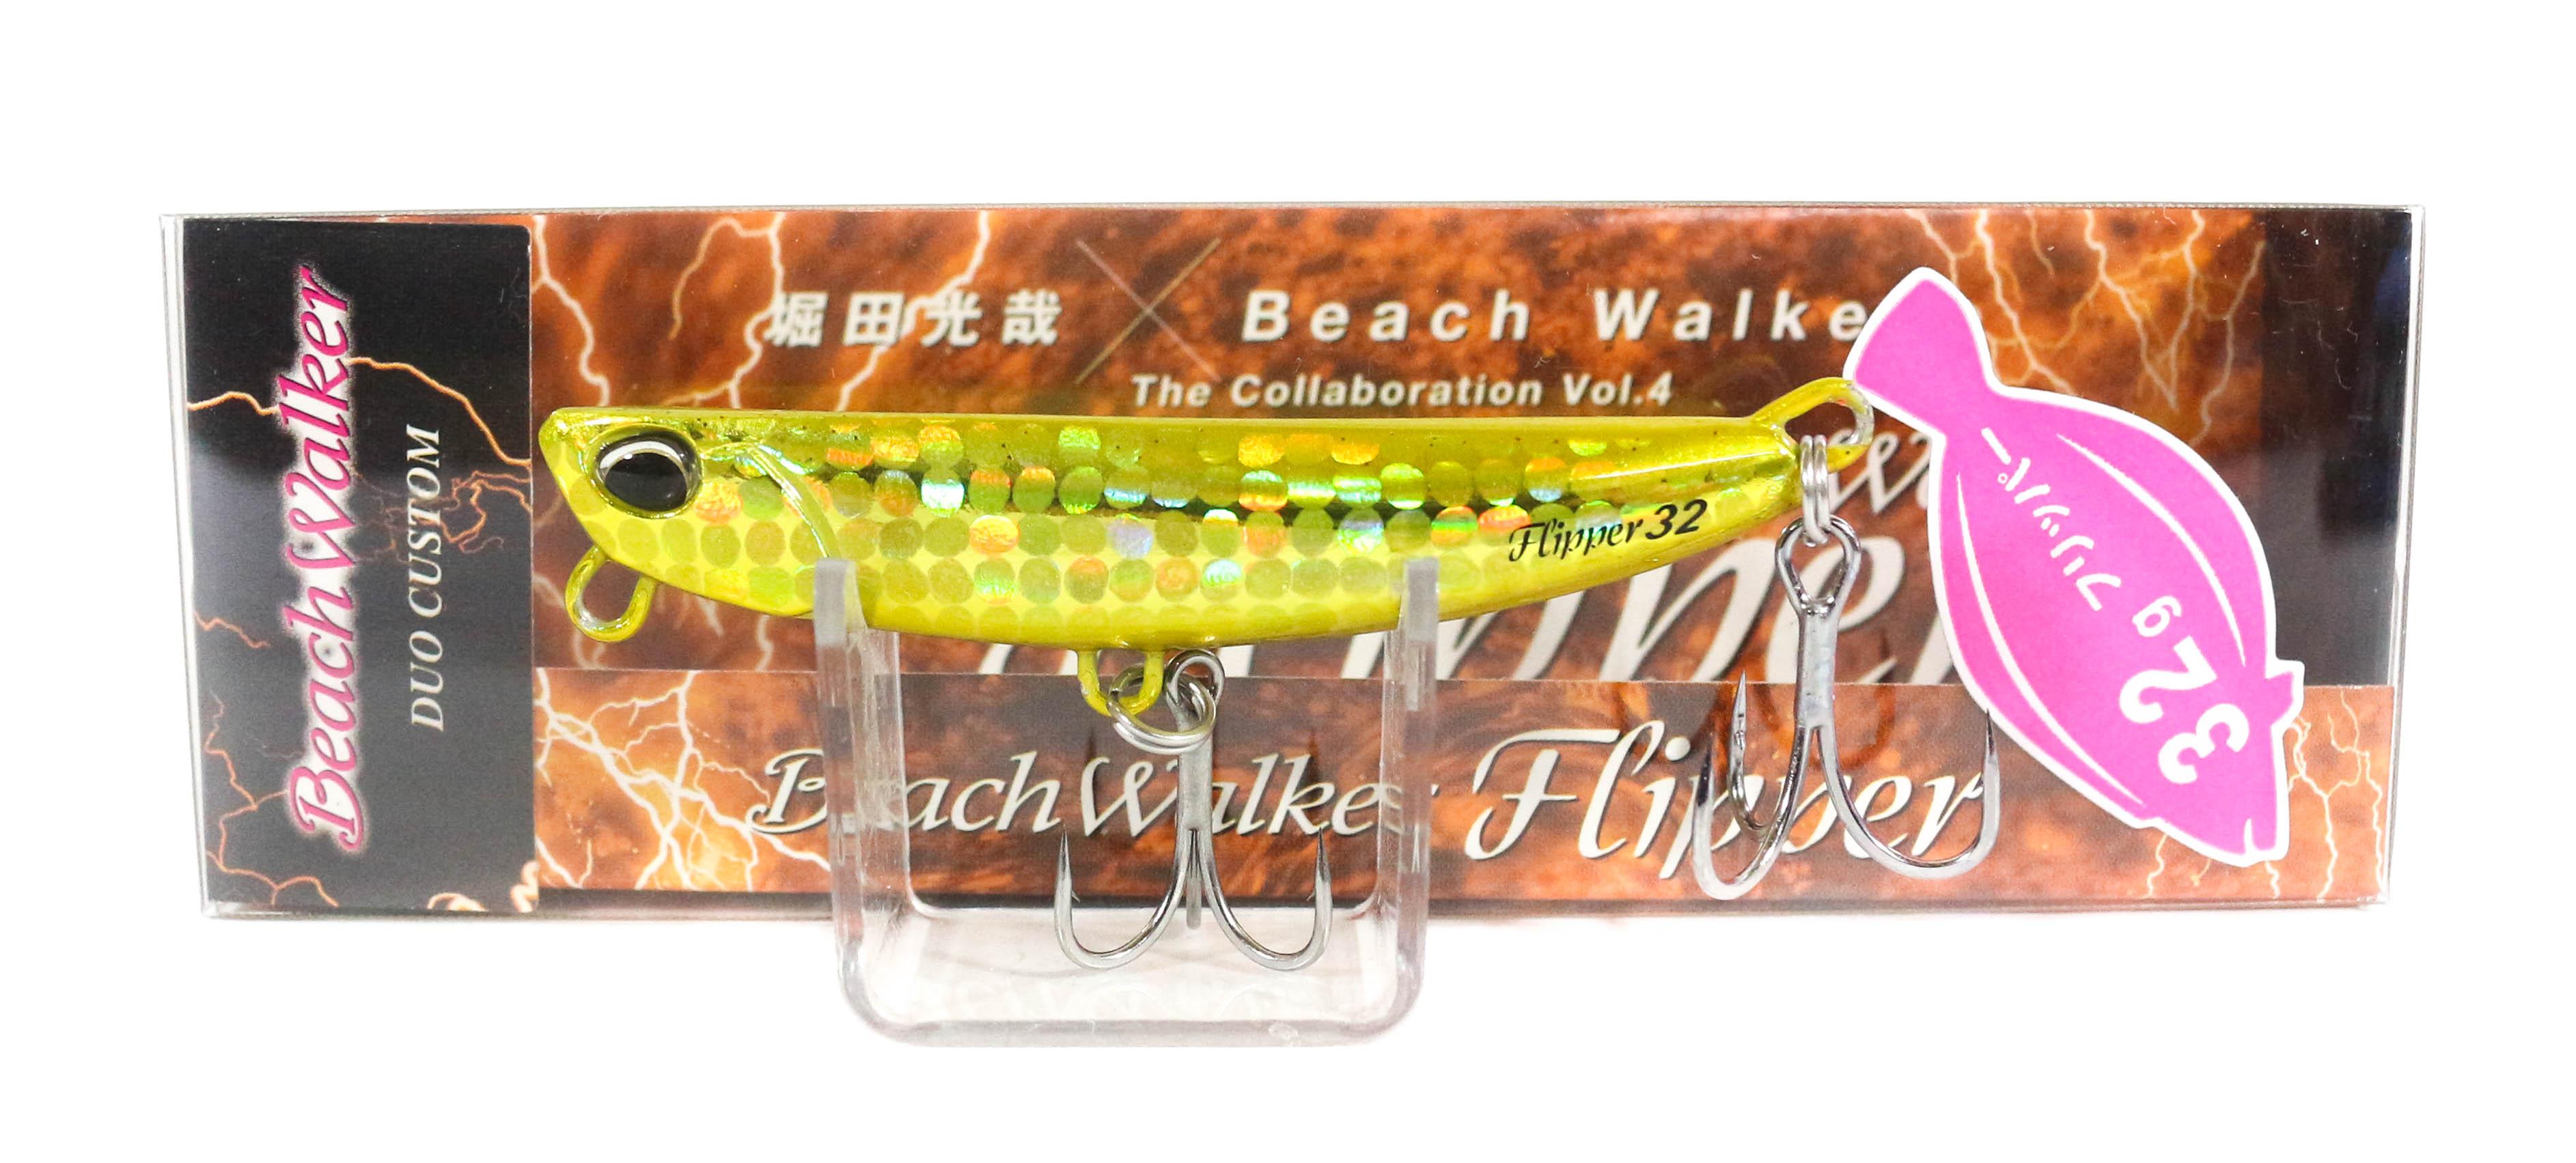 Duo Beach Walker Flipper 32 grams Sinking Lure GQA0245 (1010)